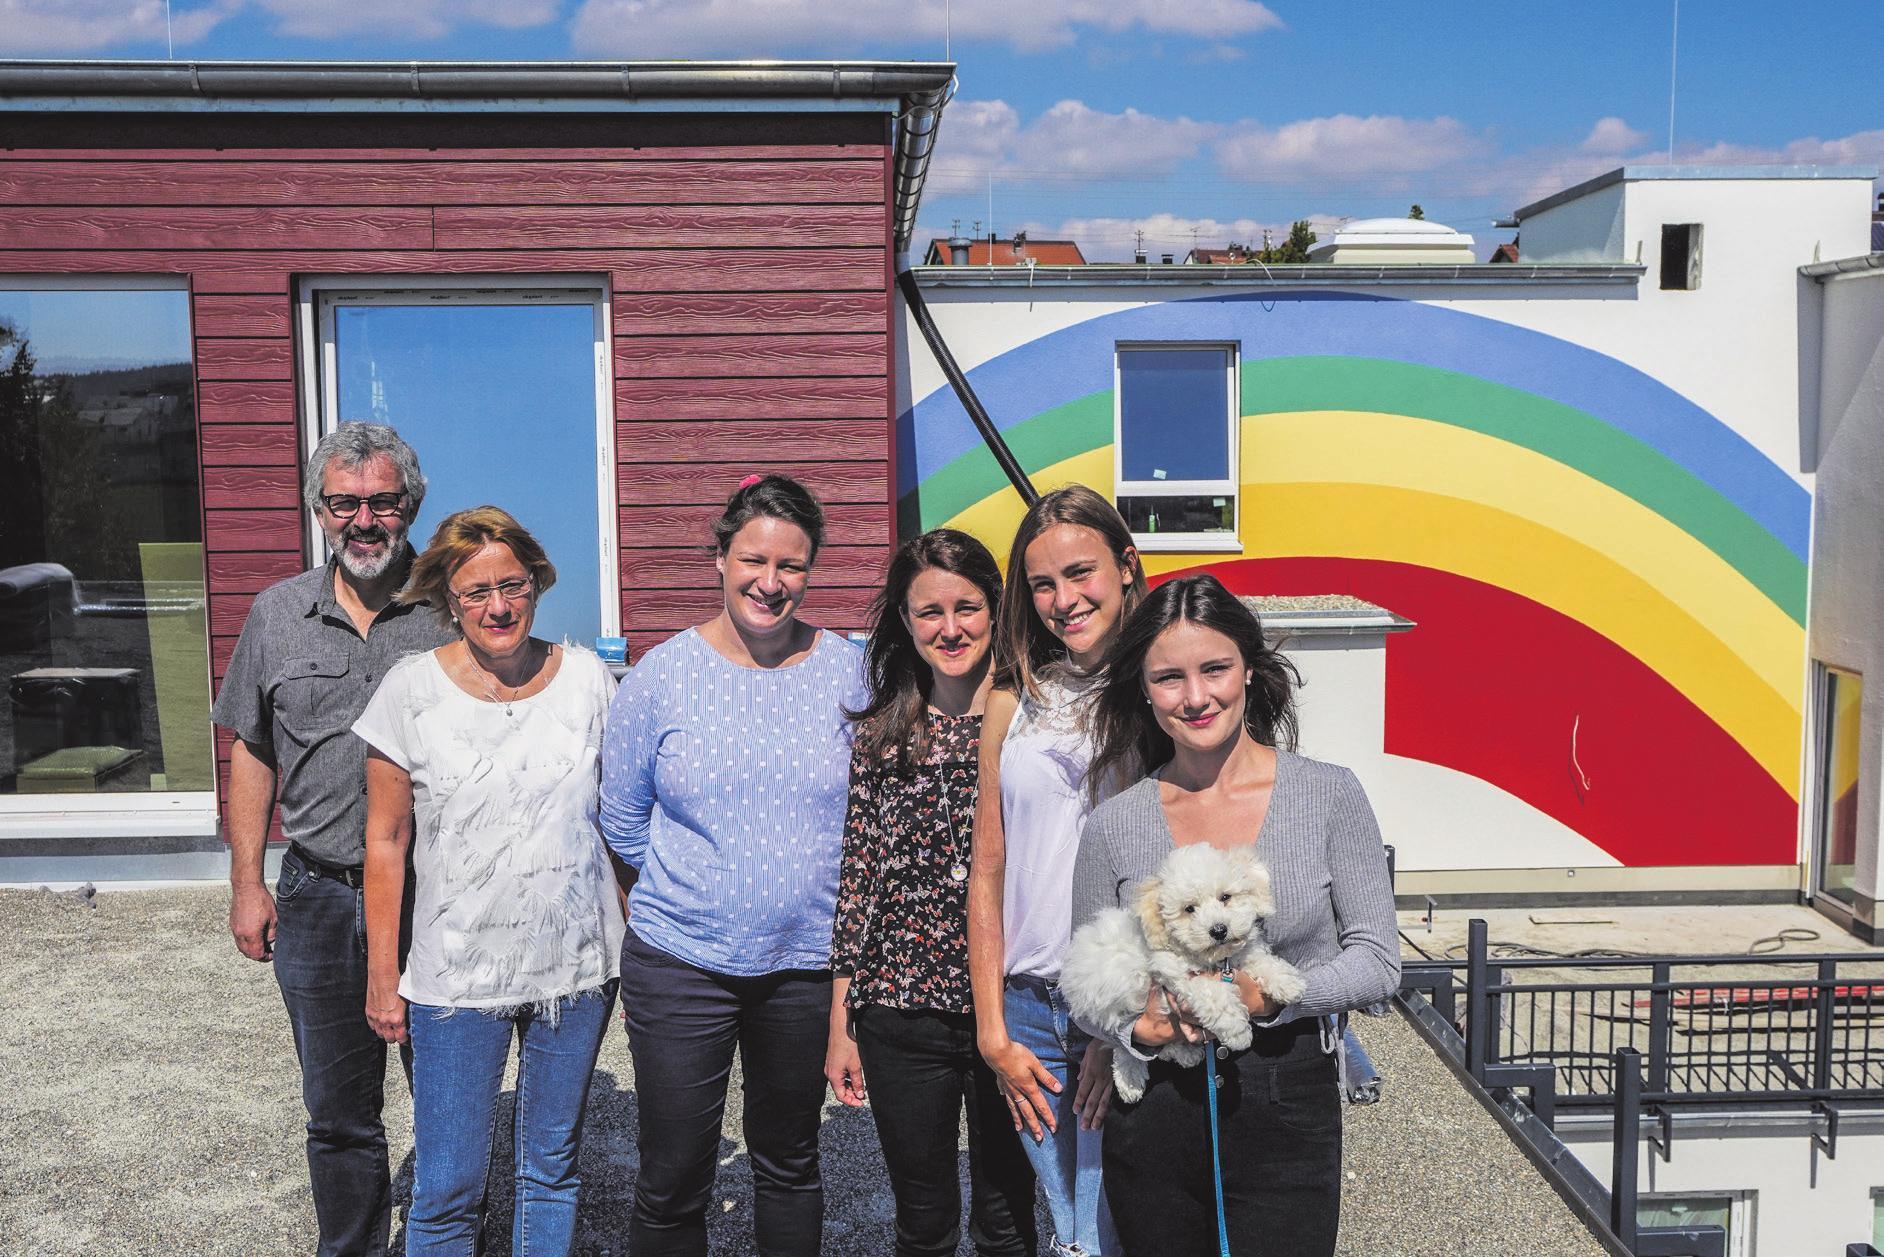 Gabriel, Katharina, Miriam, Judith, Tabea und Sophia Seckinger auf der zukünftigen Dachterrasse. Fotos: Rudi Penk